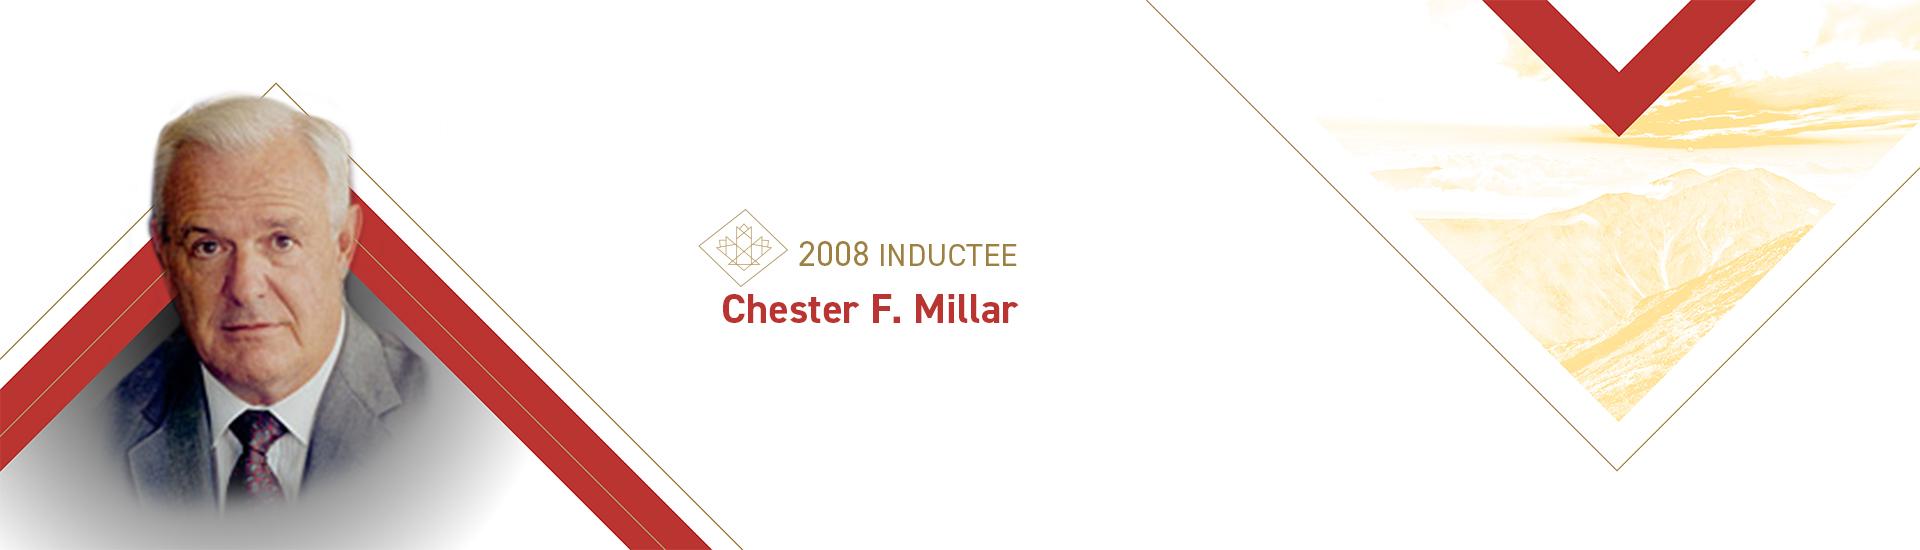 Chester F. Millar (b. 1927)